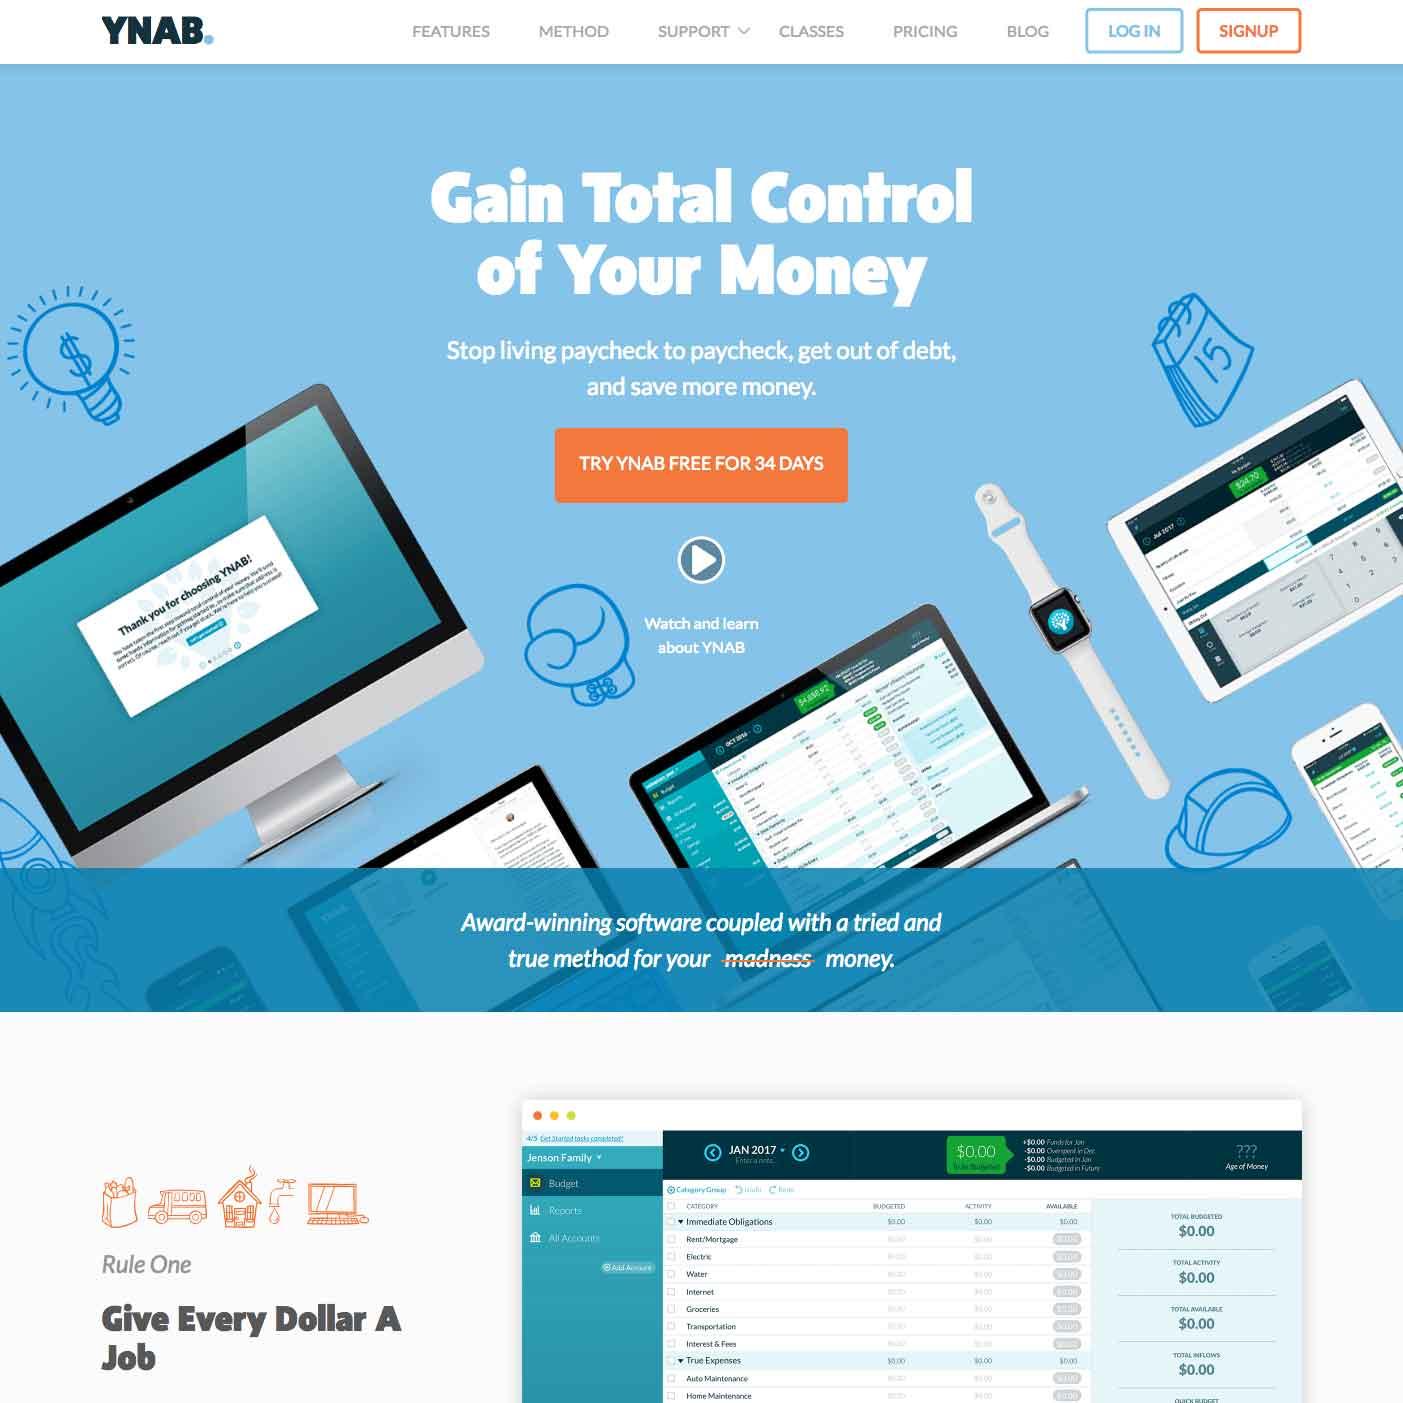 Website for YNAB